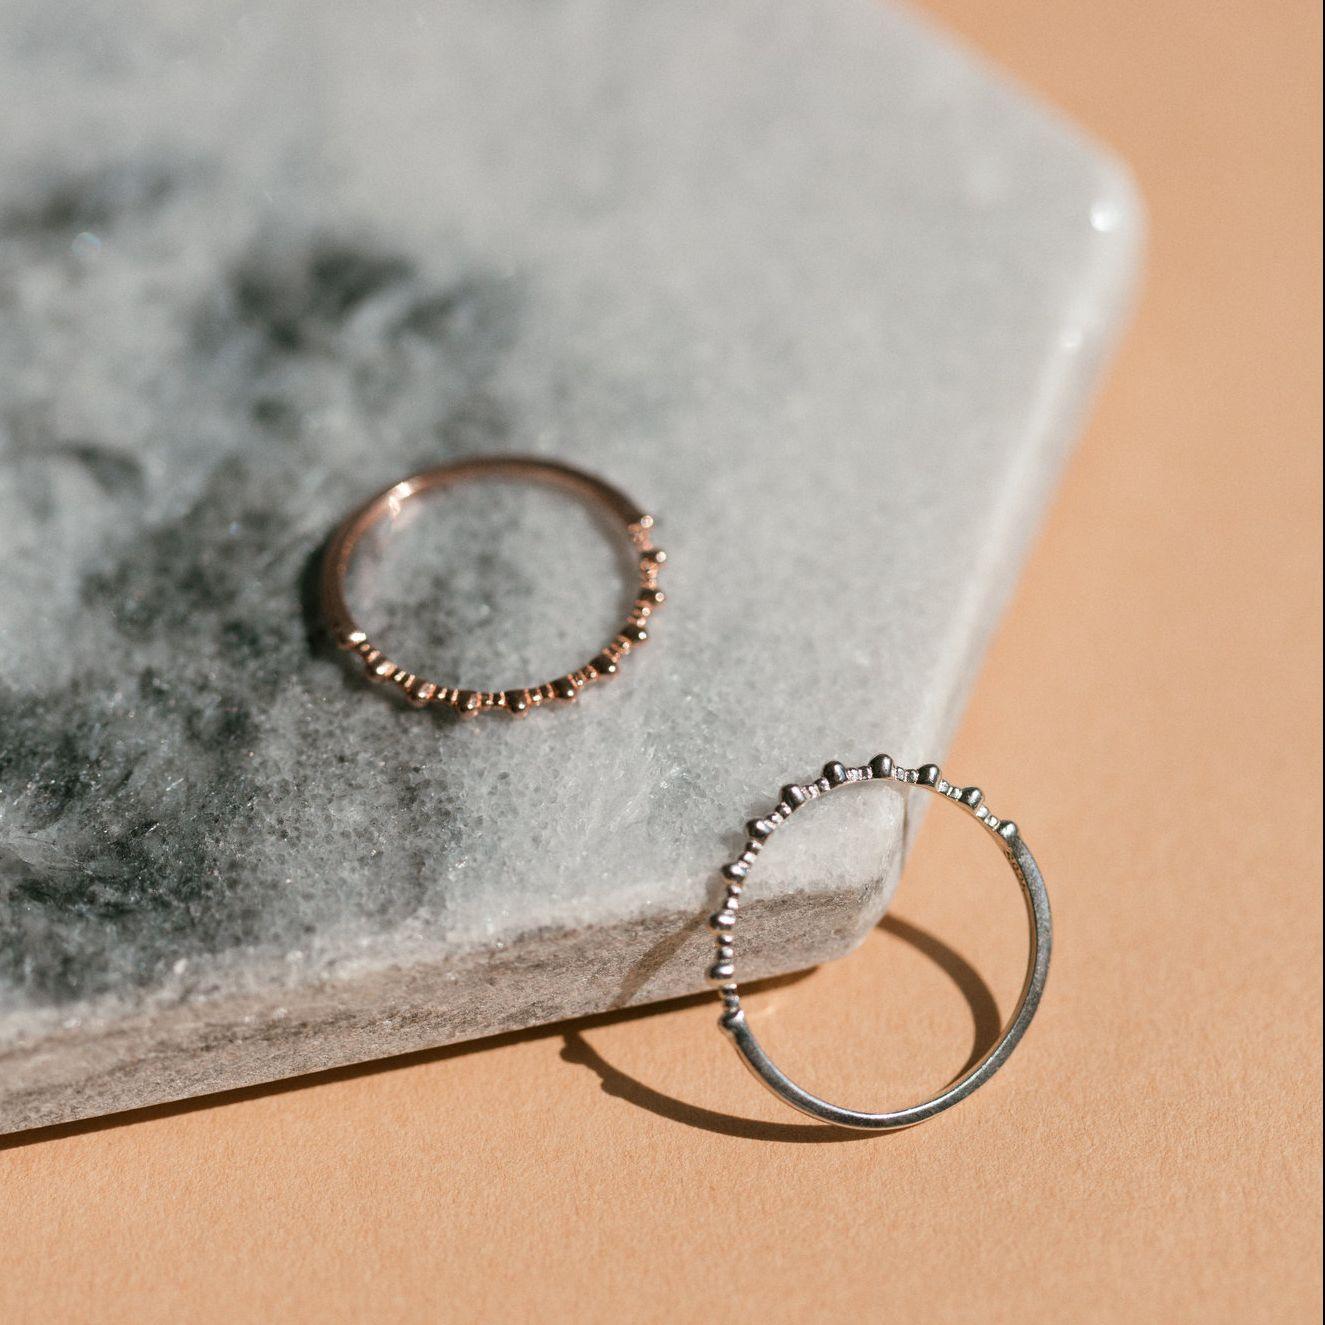 Cadeaux écoresponsables Horace Jewelery bagues